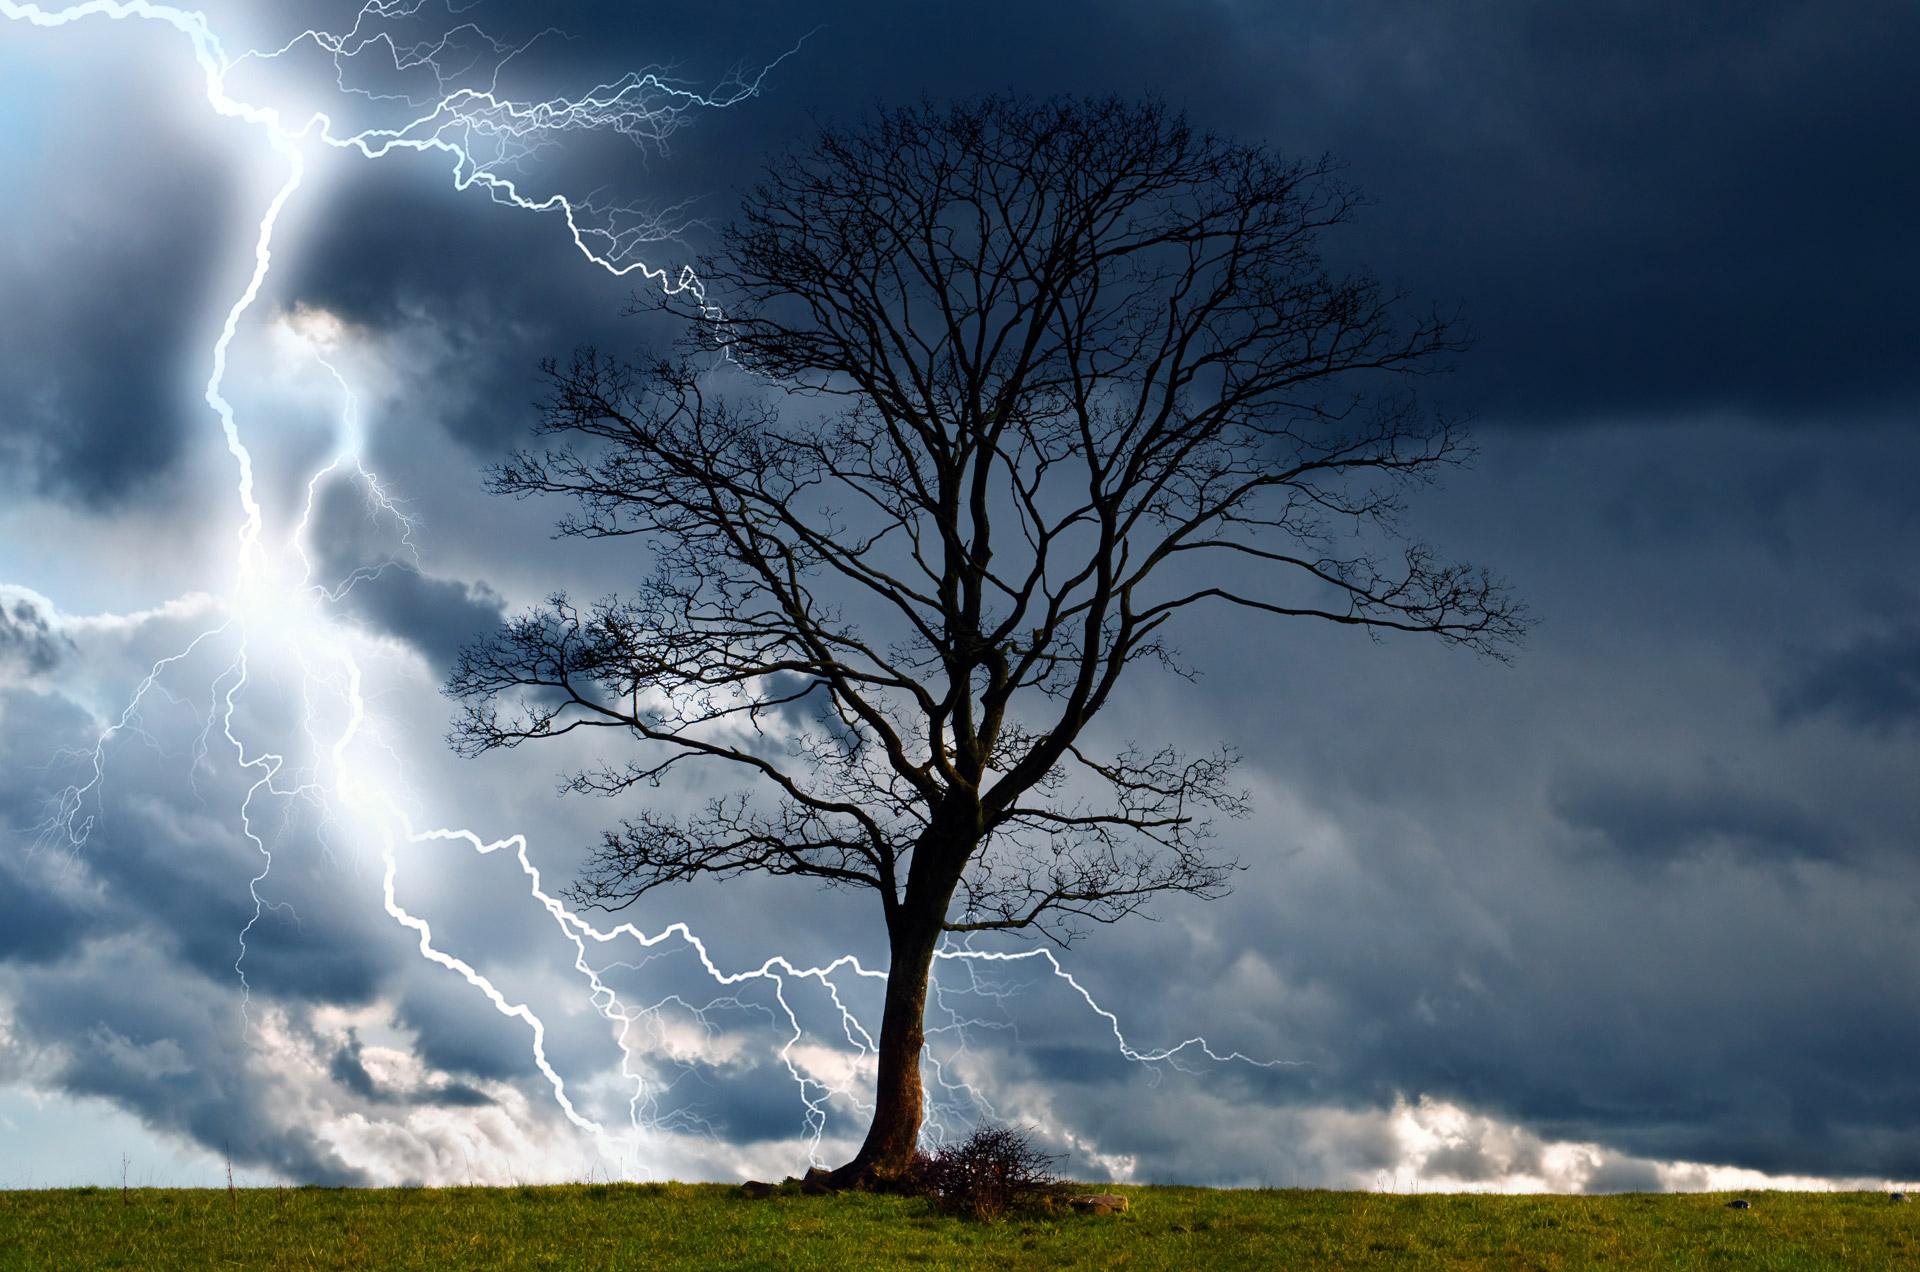 Storm Images - Public Domain Pictures - Page 1